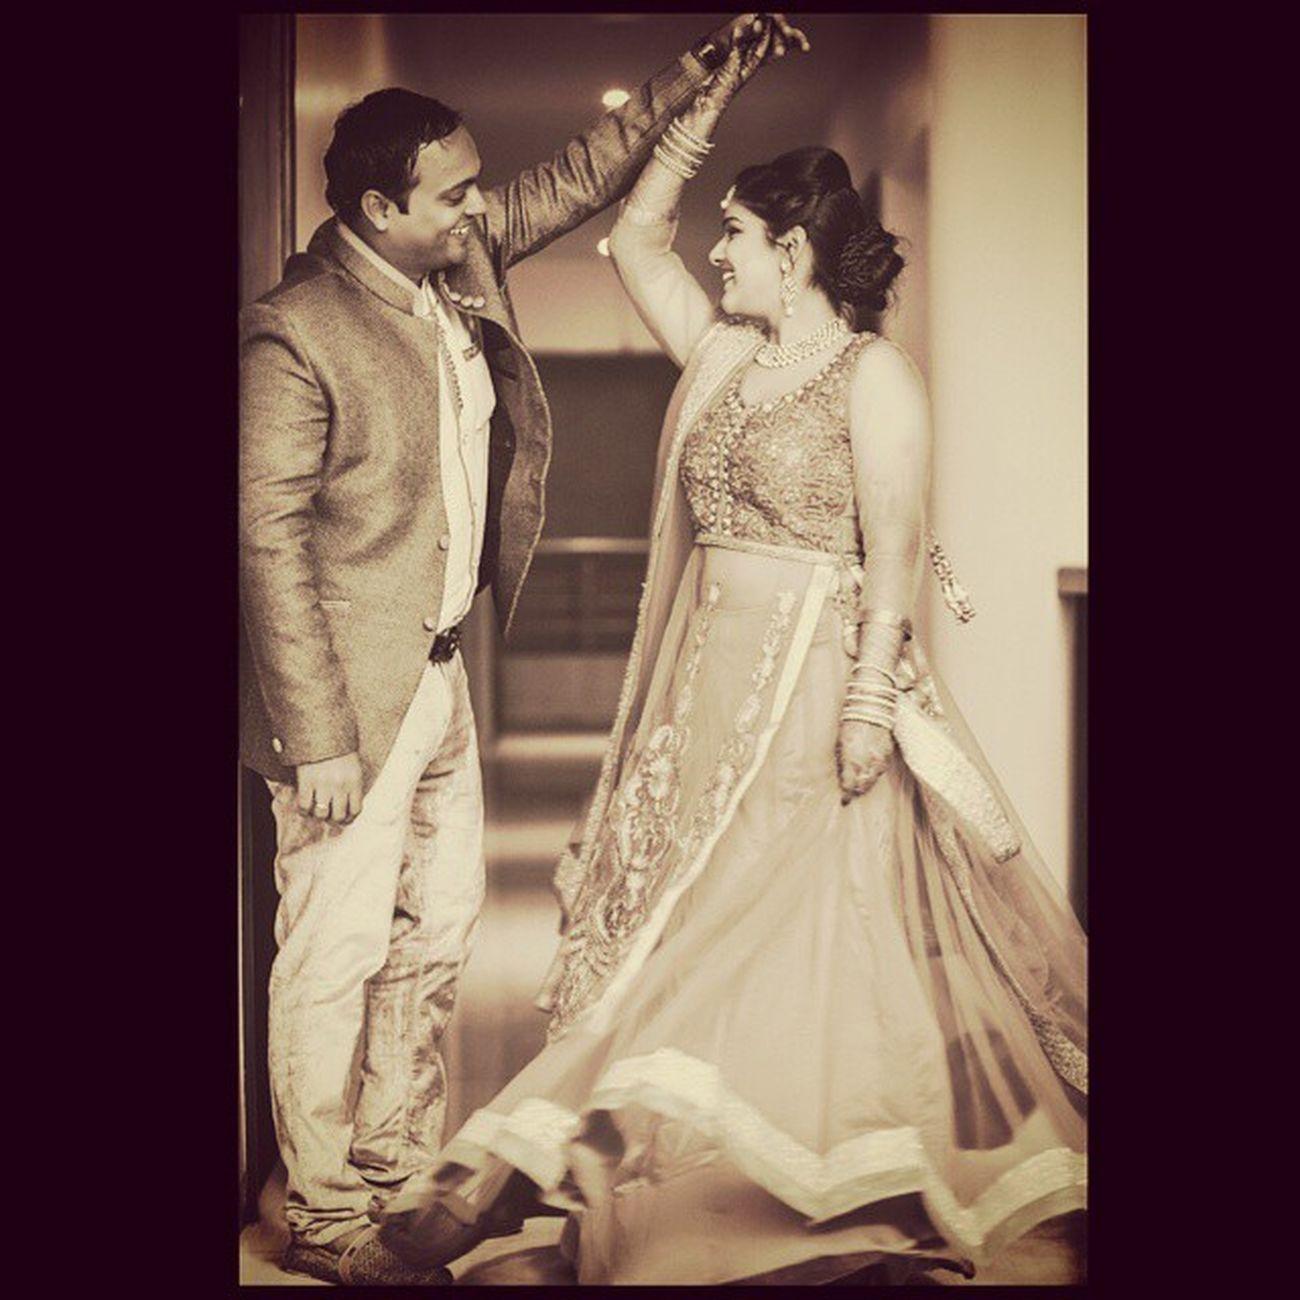 IndianWedding Coupleshoot Jbclickz Happiness